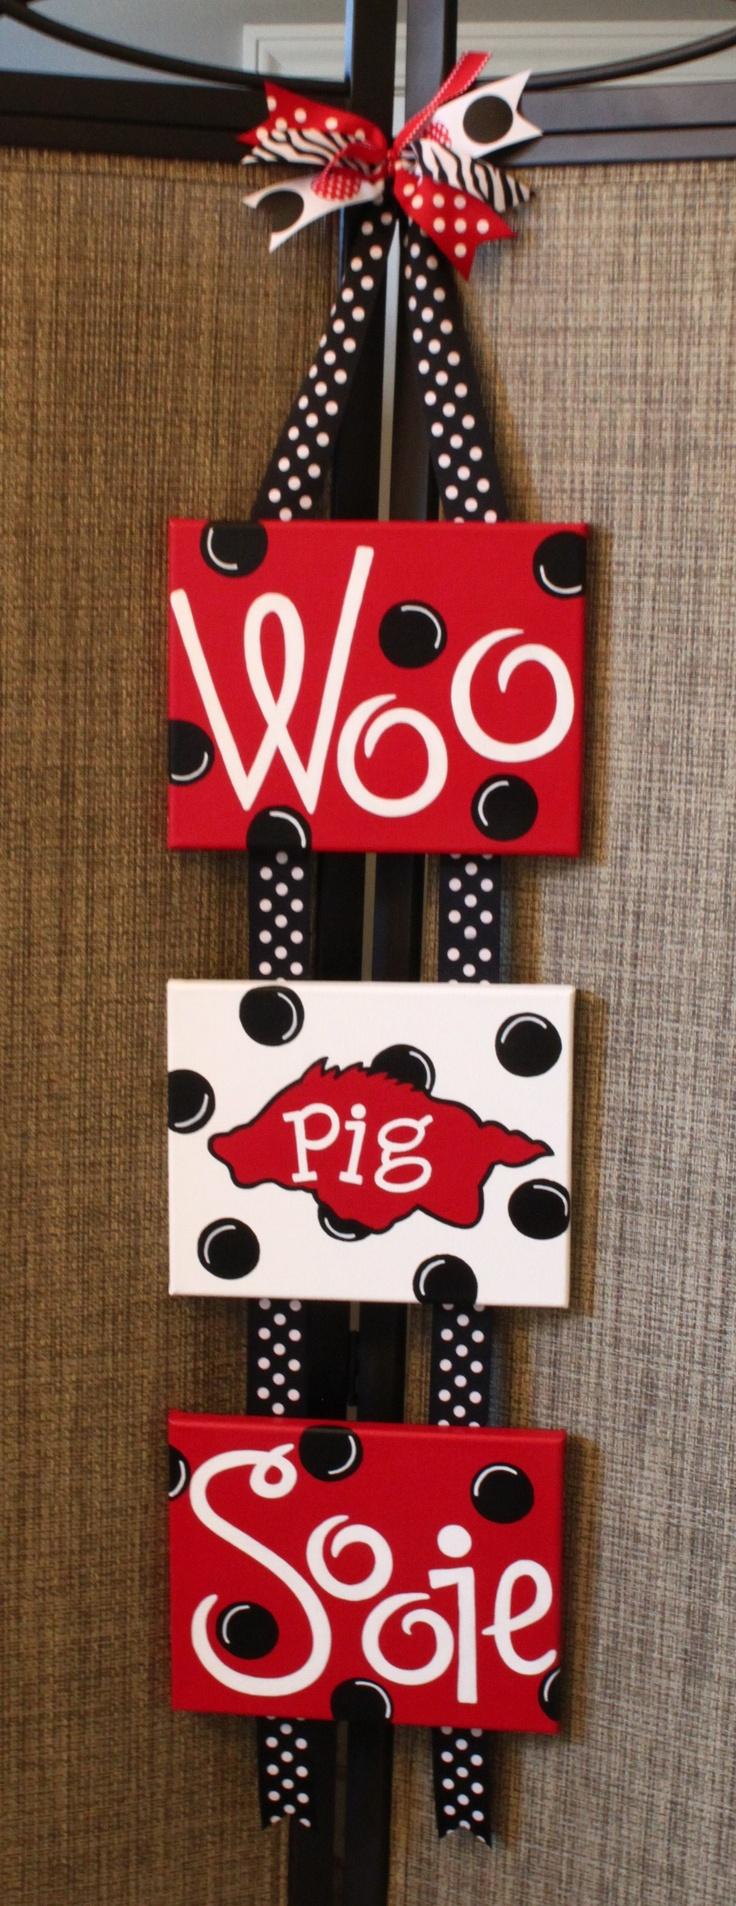 Woo Pig Sooie painted by Lane McKinley